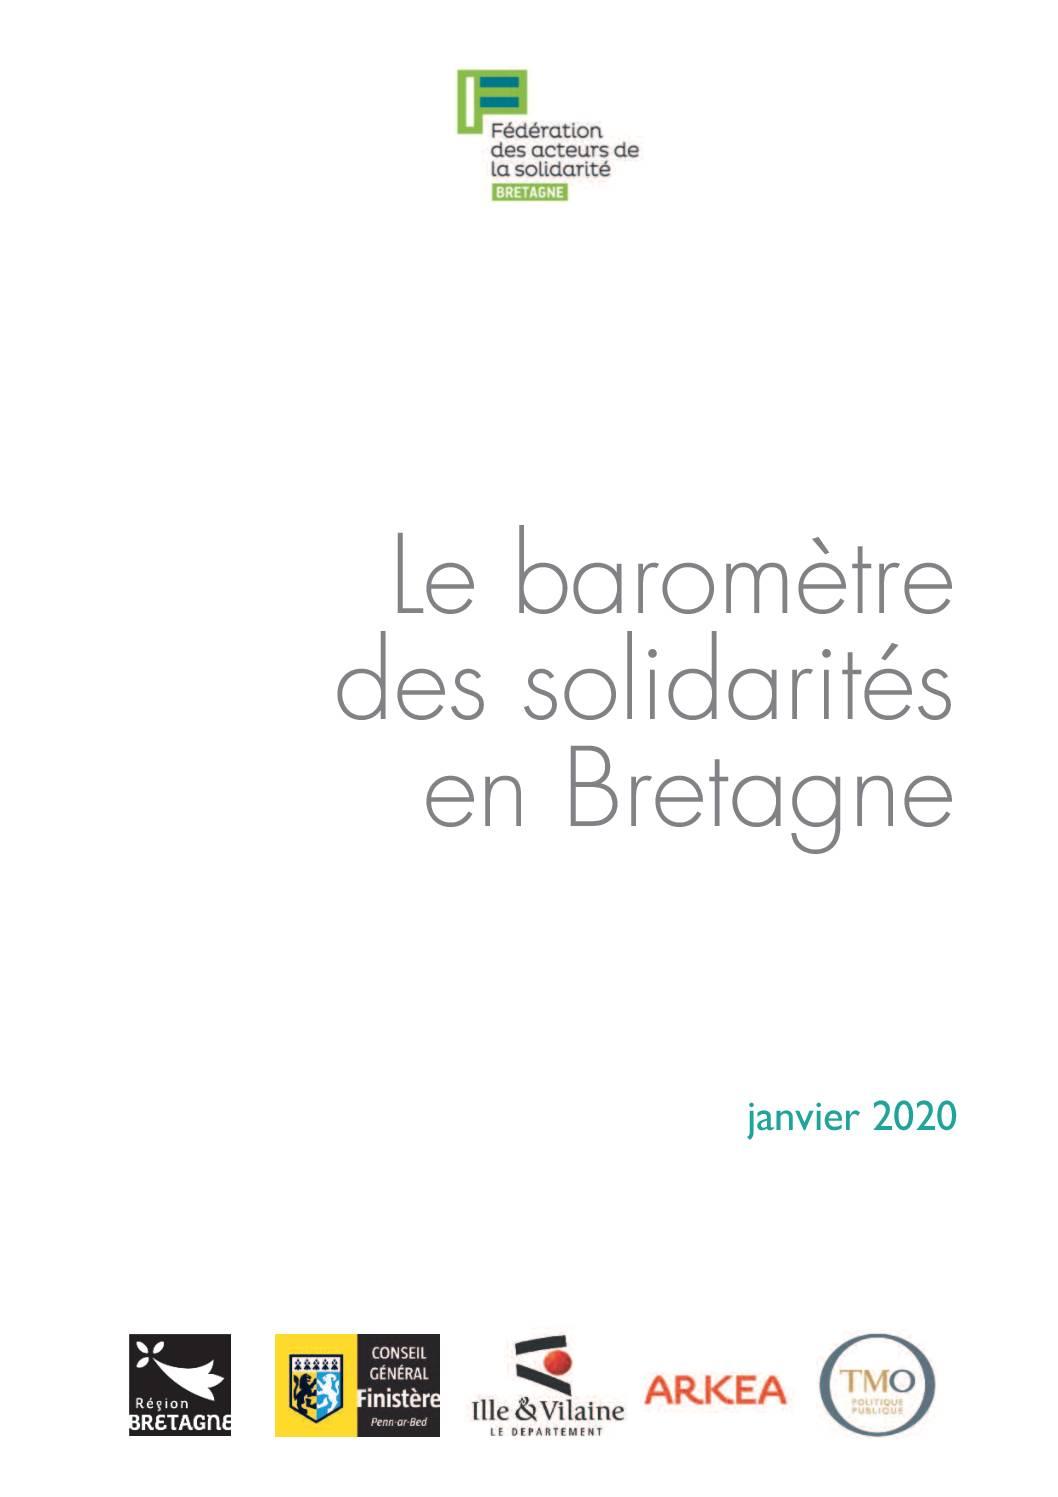 Le baromètre des solidarités en Bretagne